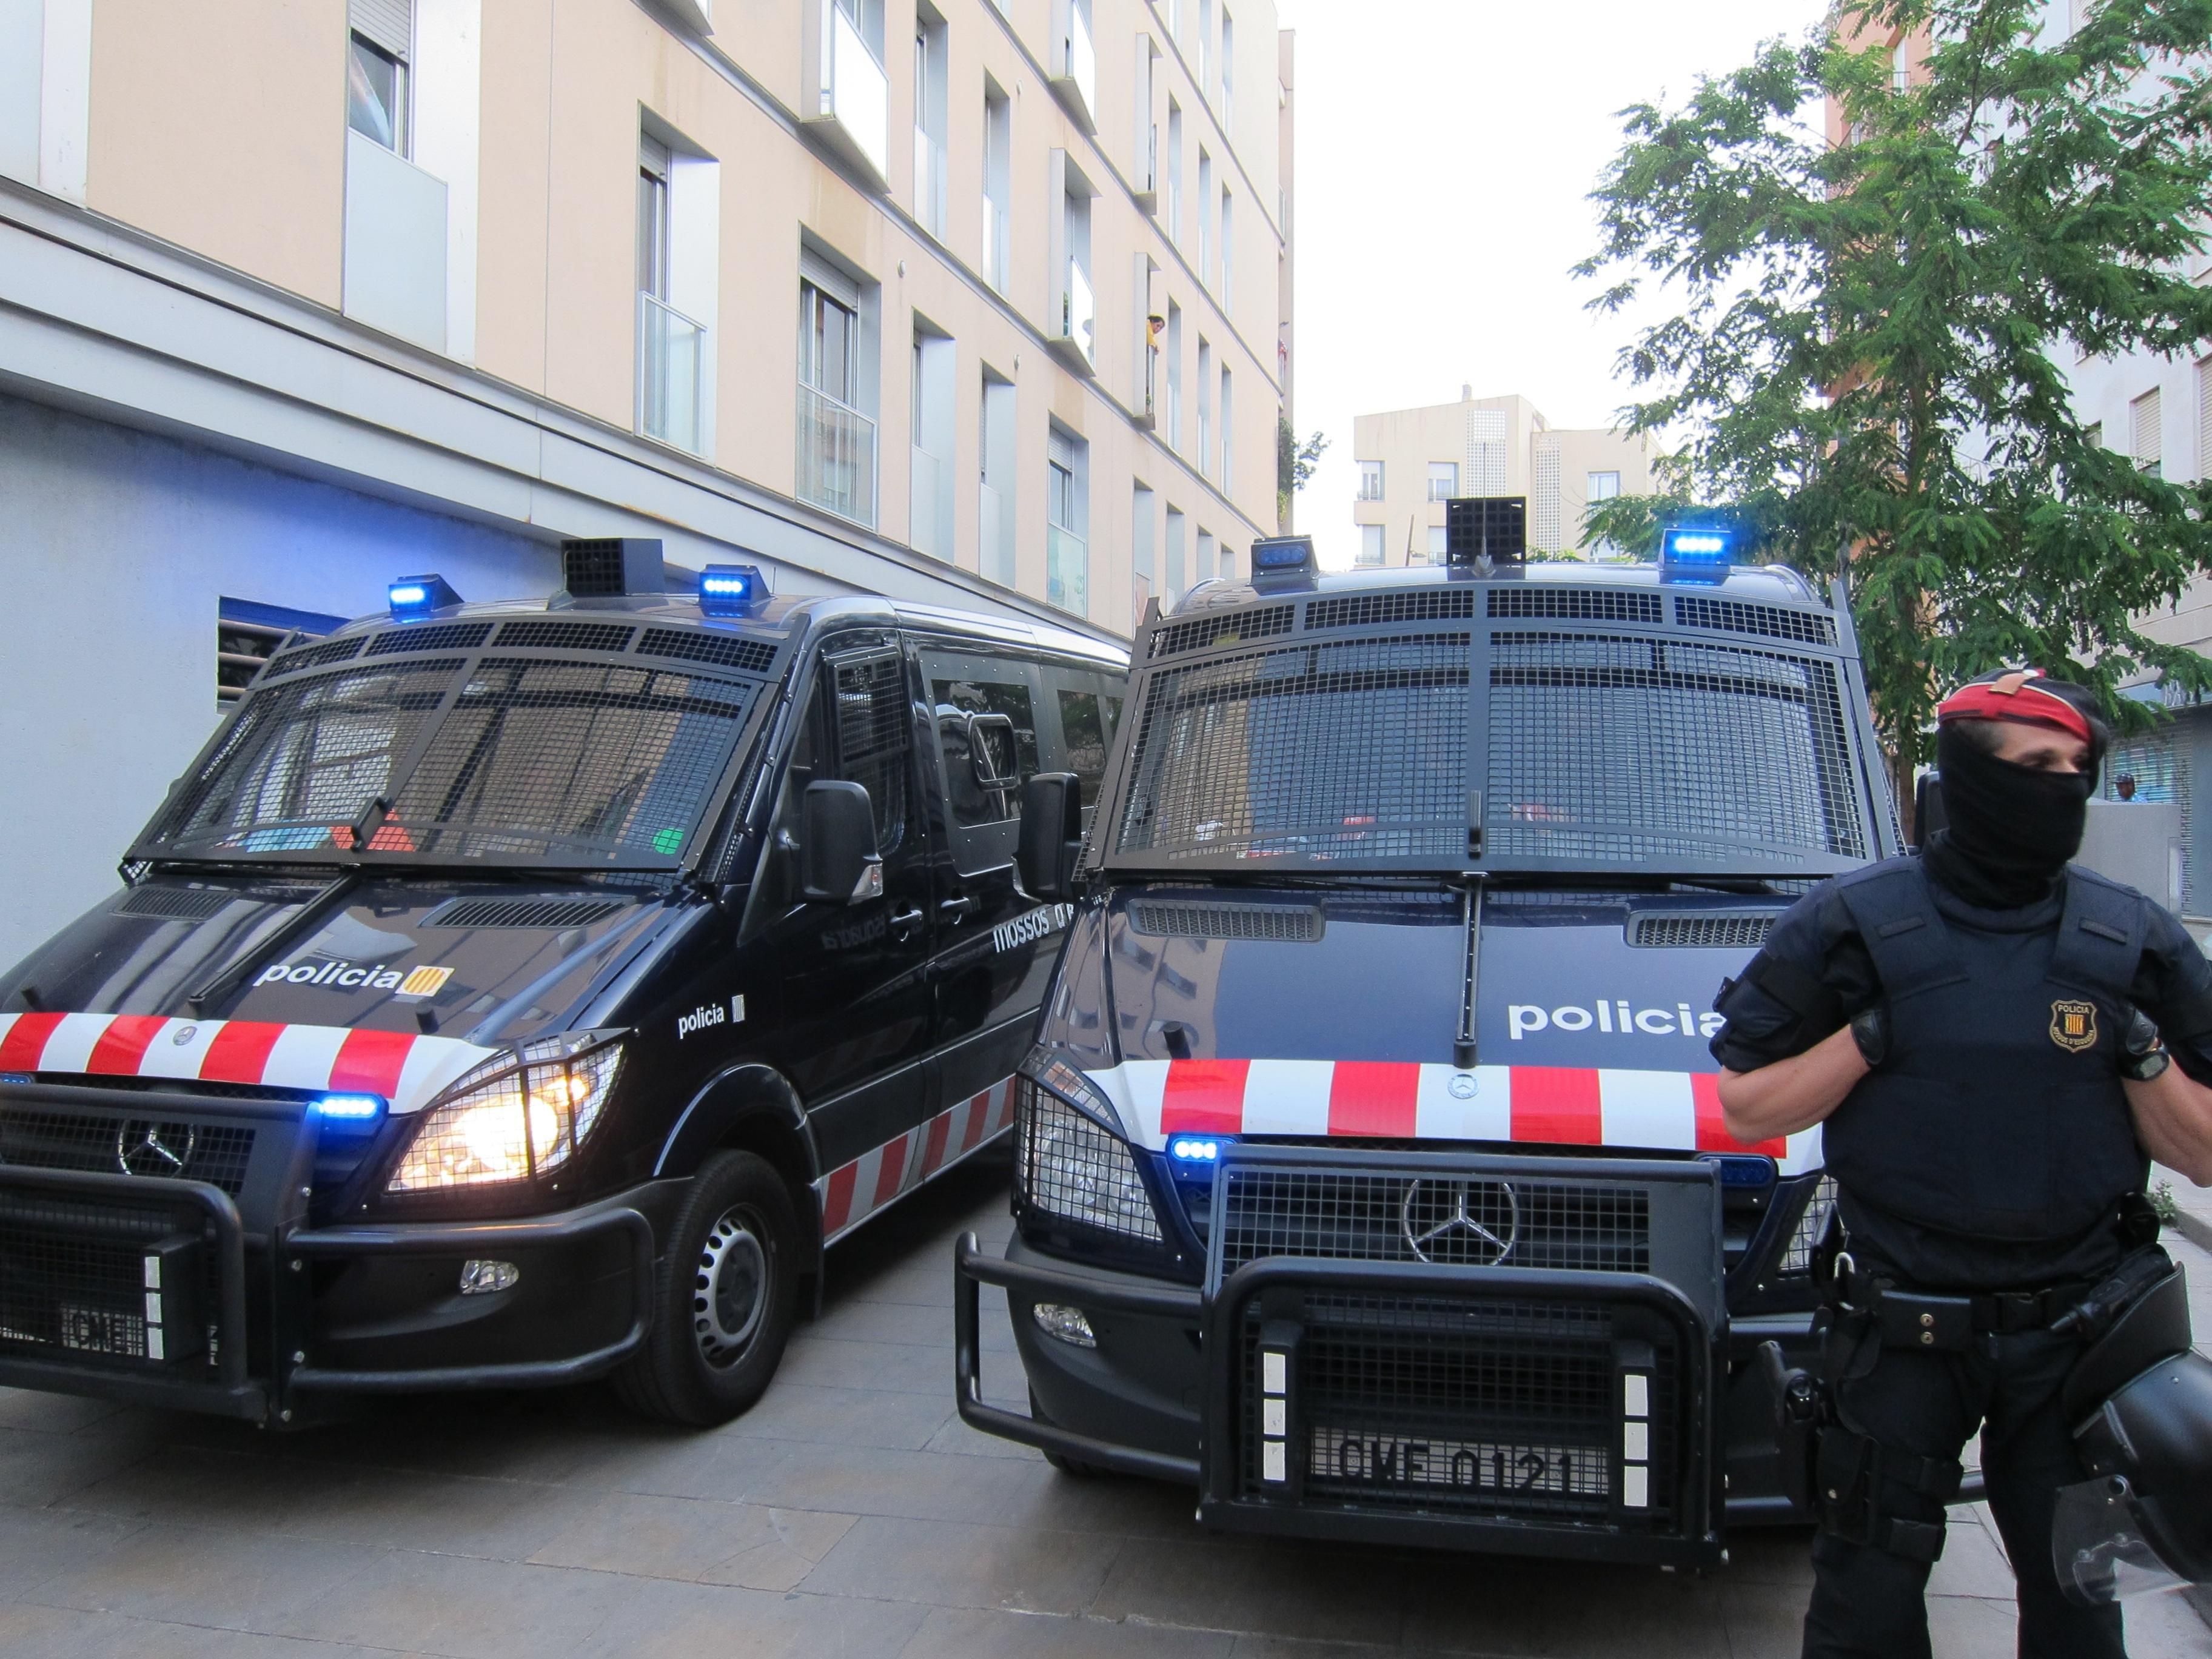 El juez archiva la causa contra dos mossos imputados por la pérdida del ojo del joven Nicola Tanno